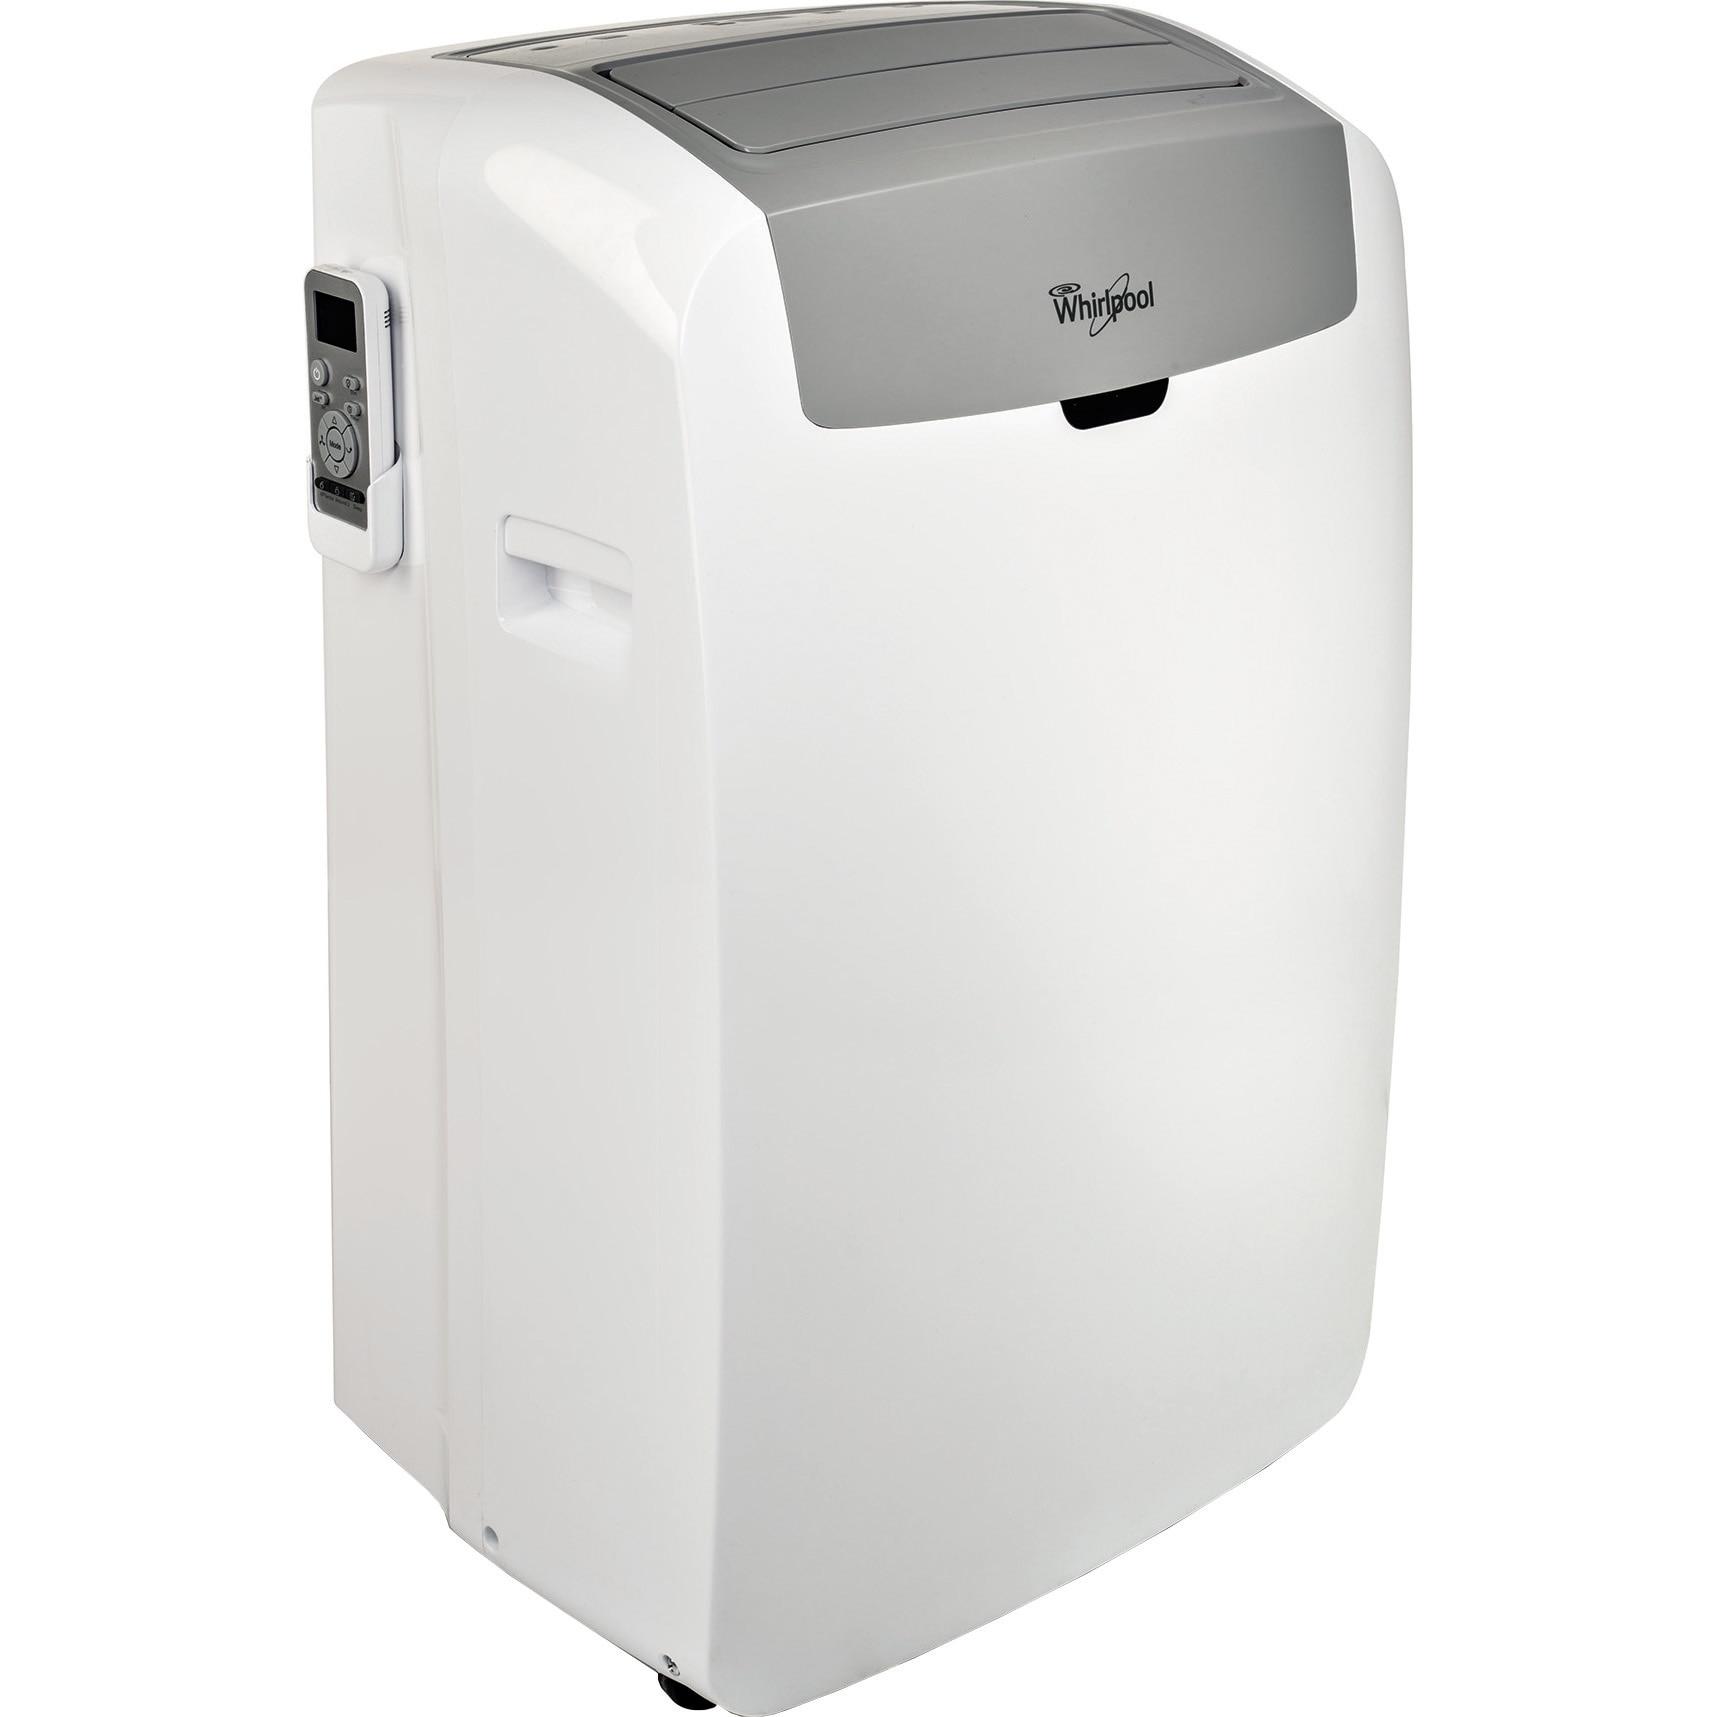 Fotografie Aparat de aer conditionat portabil Whirlpool PACW9COL, 9000 BTU, Clasa A, Filtru lavabil HEPA, Functie JET, Autocuratare, Autorestart, Afisare temperatura, Autodiagnoza